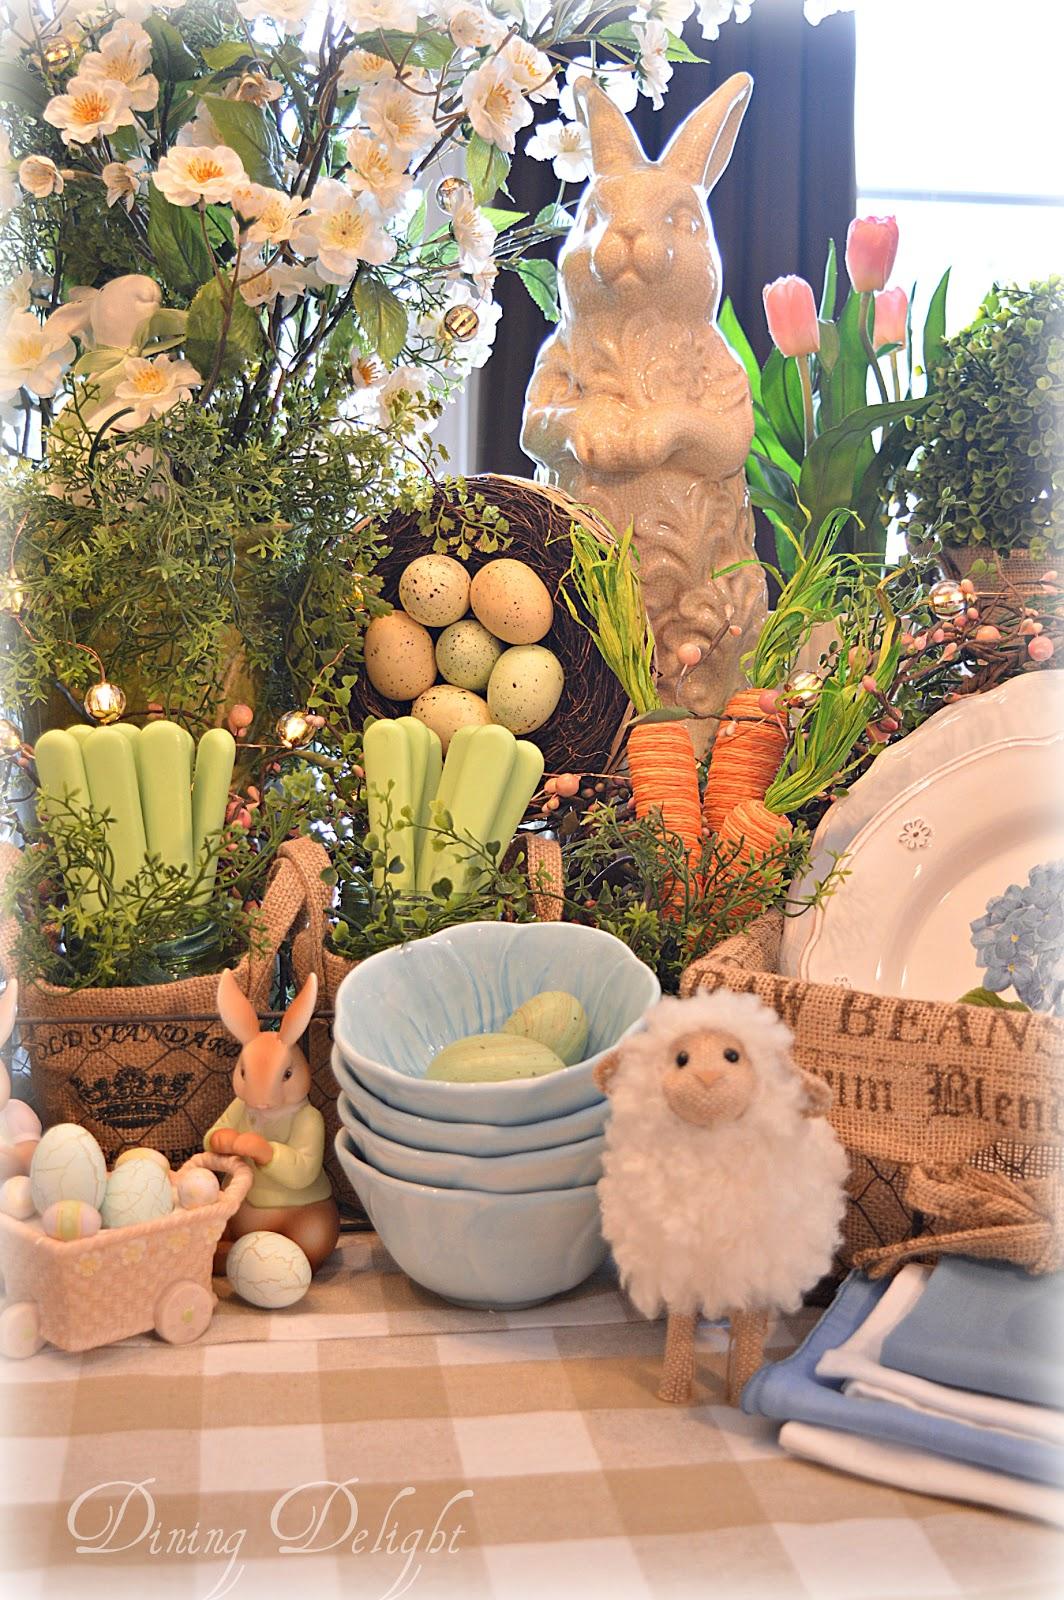 Easter Buffet Near Me 2017